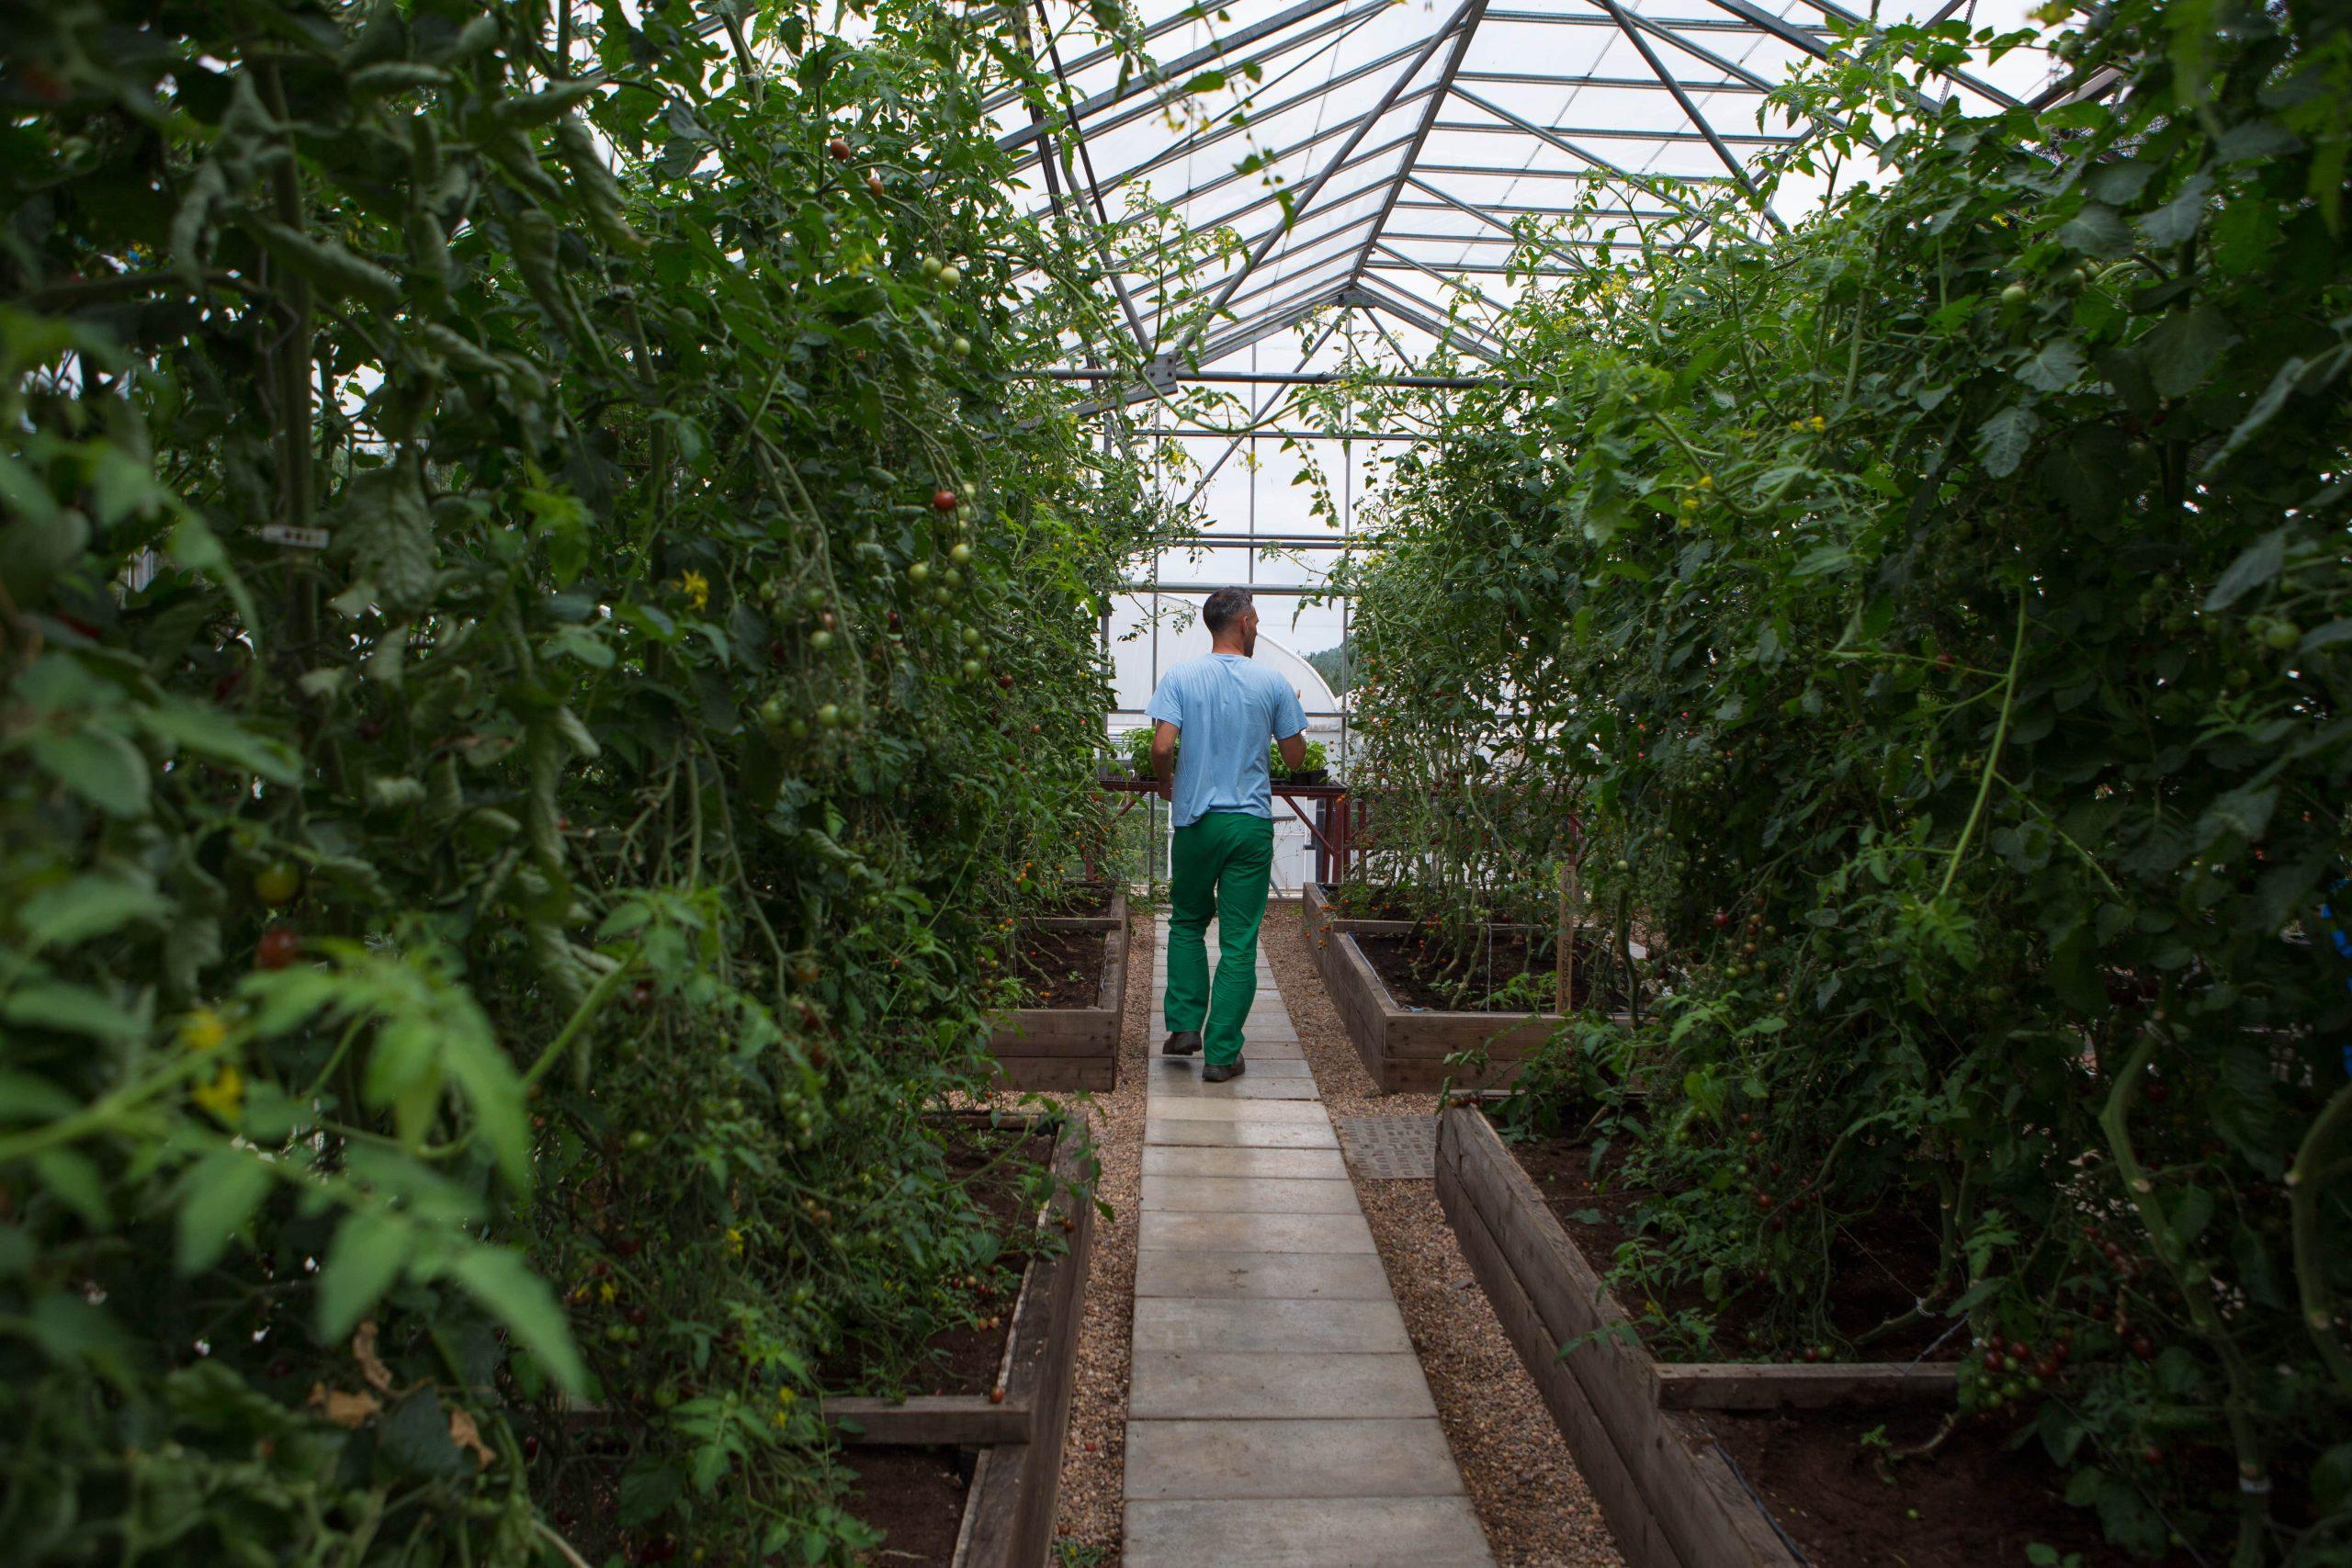 Learner walking in prison greenhouse